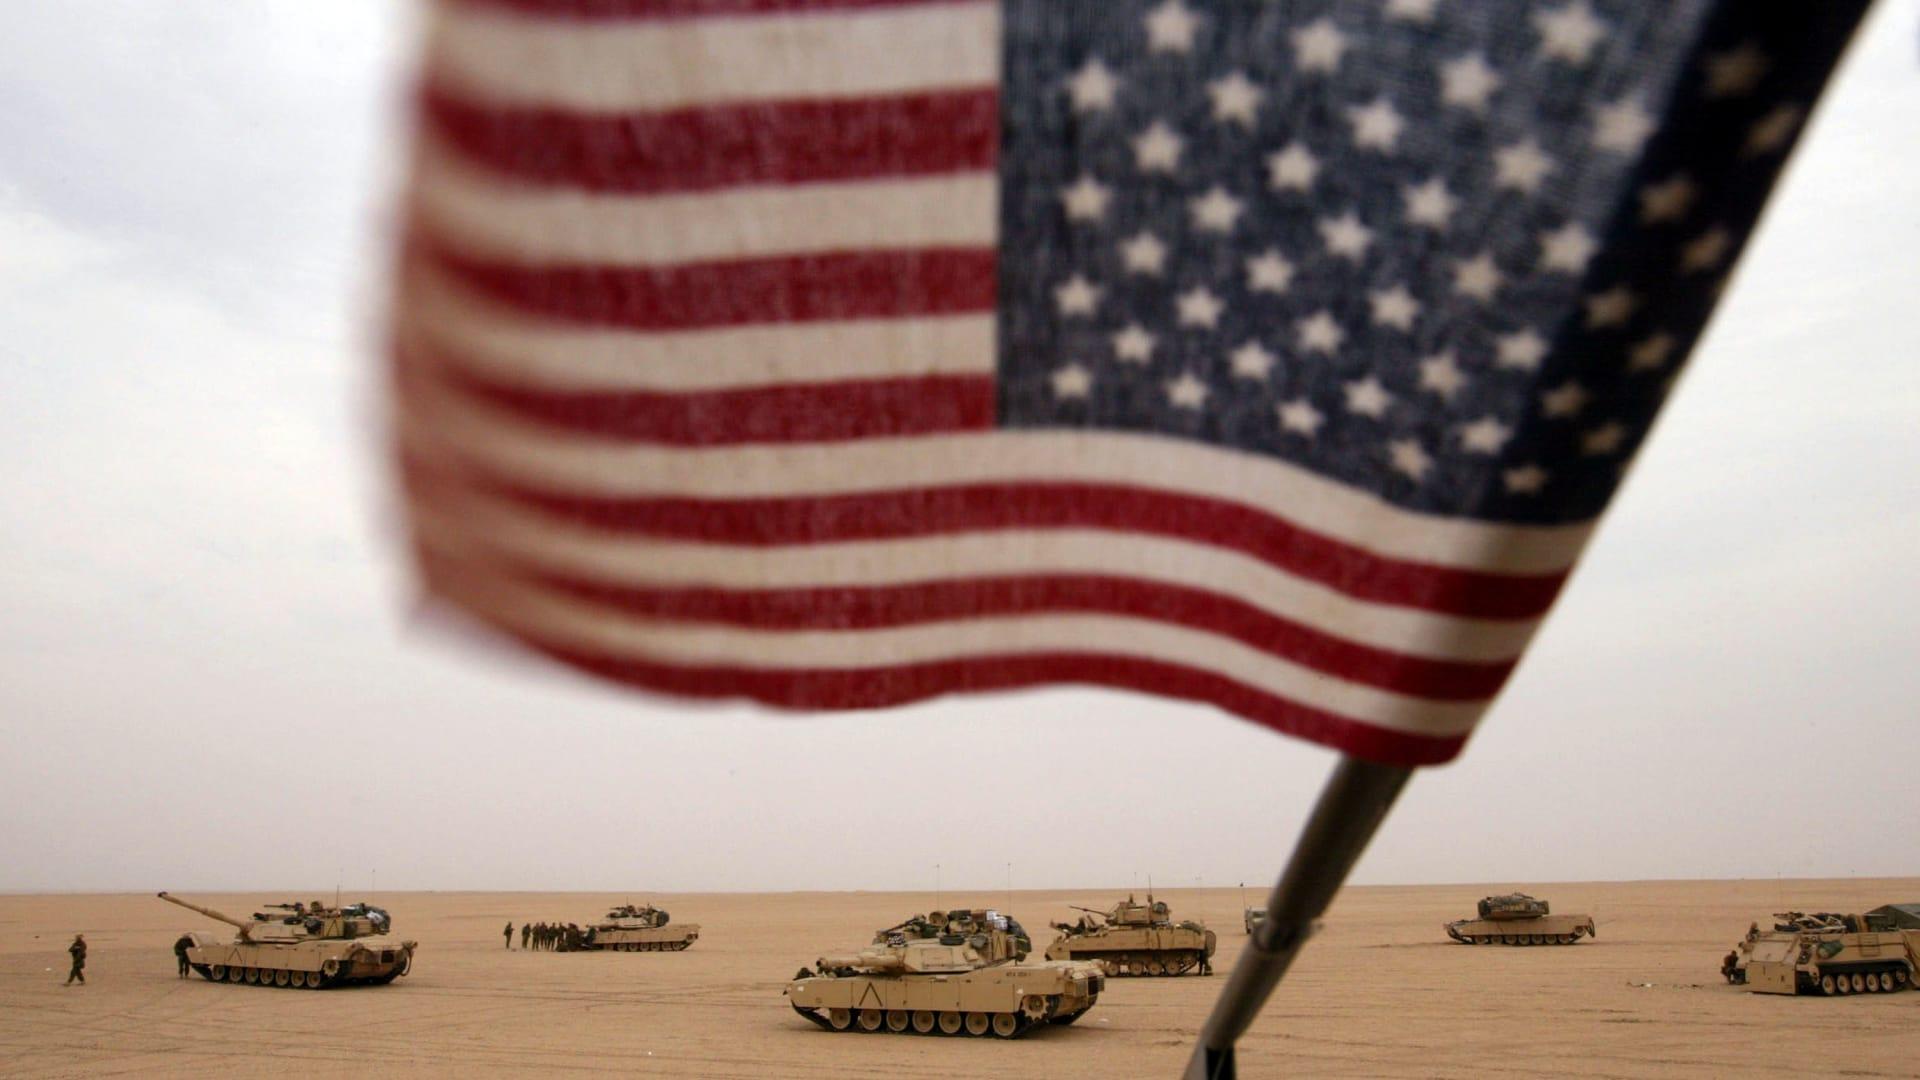 US-flag-tanks